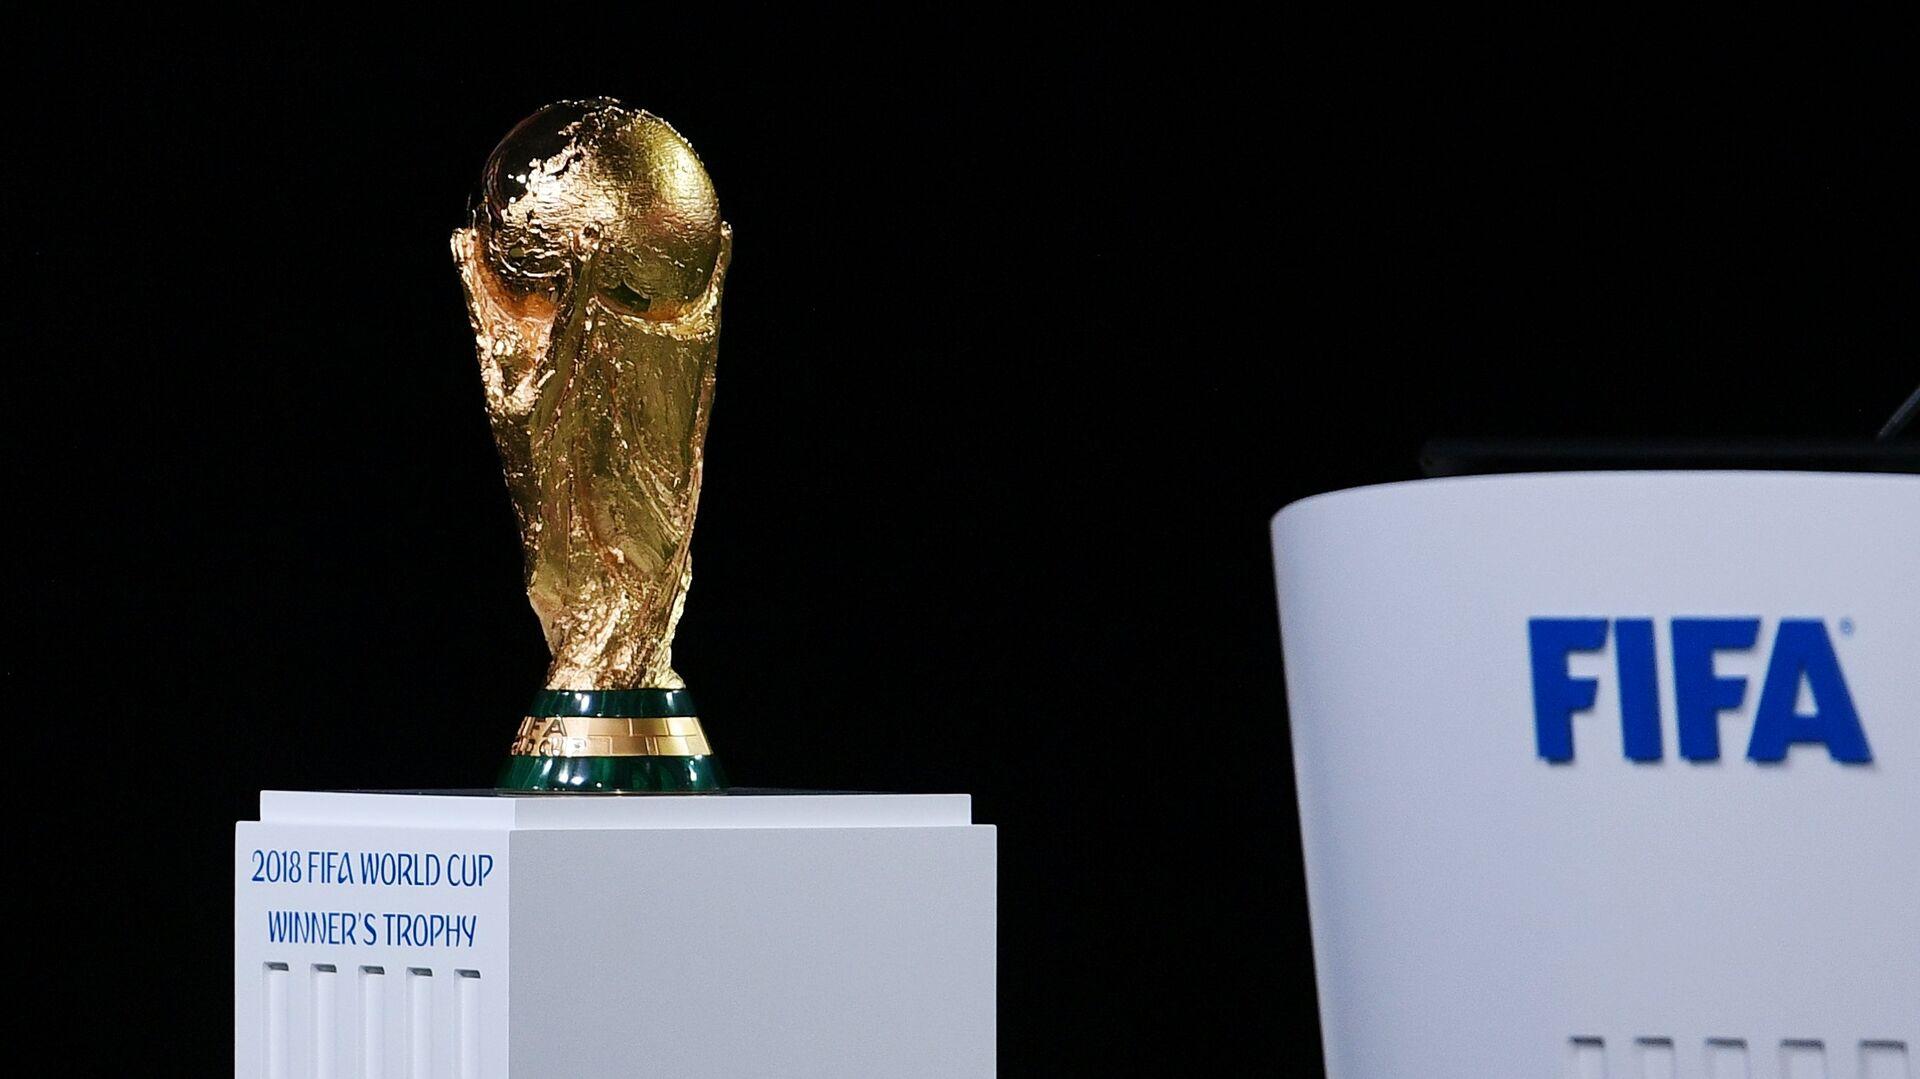 Кубок чемпионата мира по футболу - РИА Новости, 1920, 22.12.2020